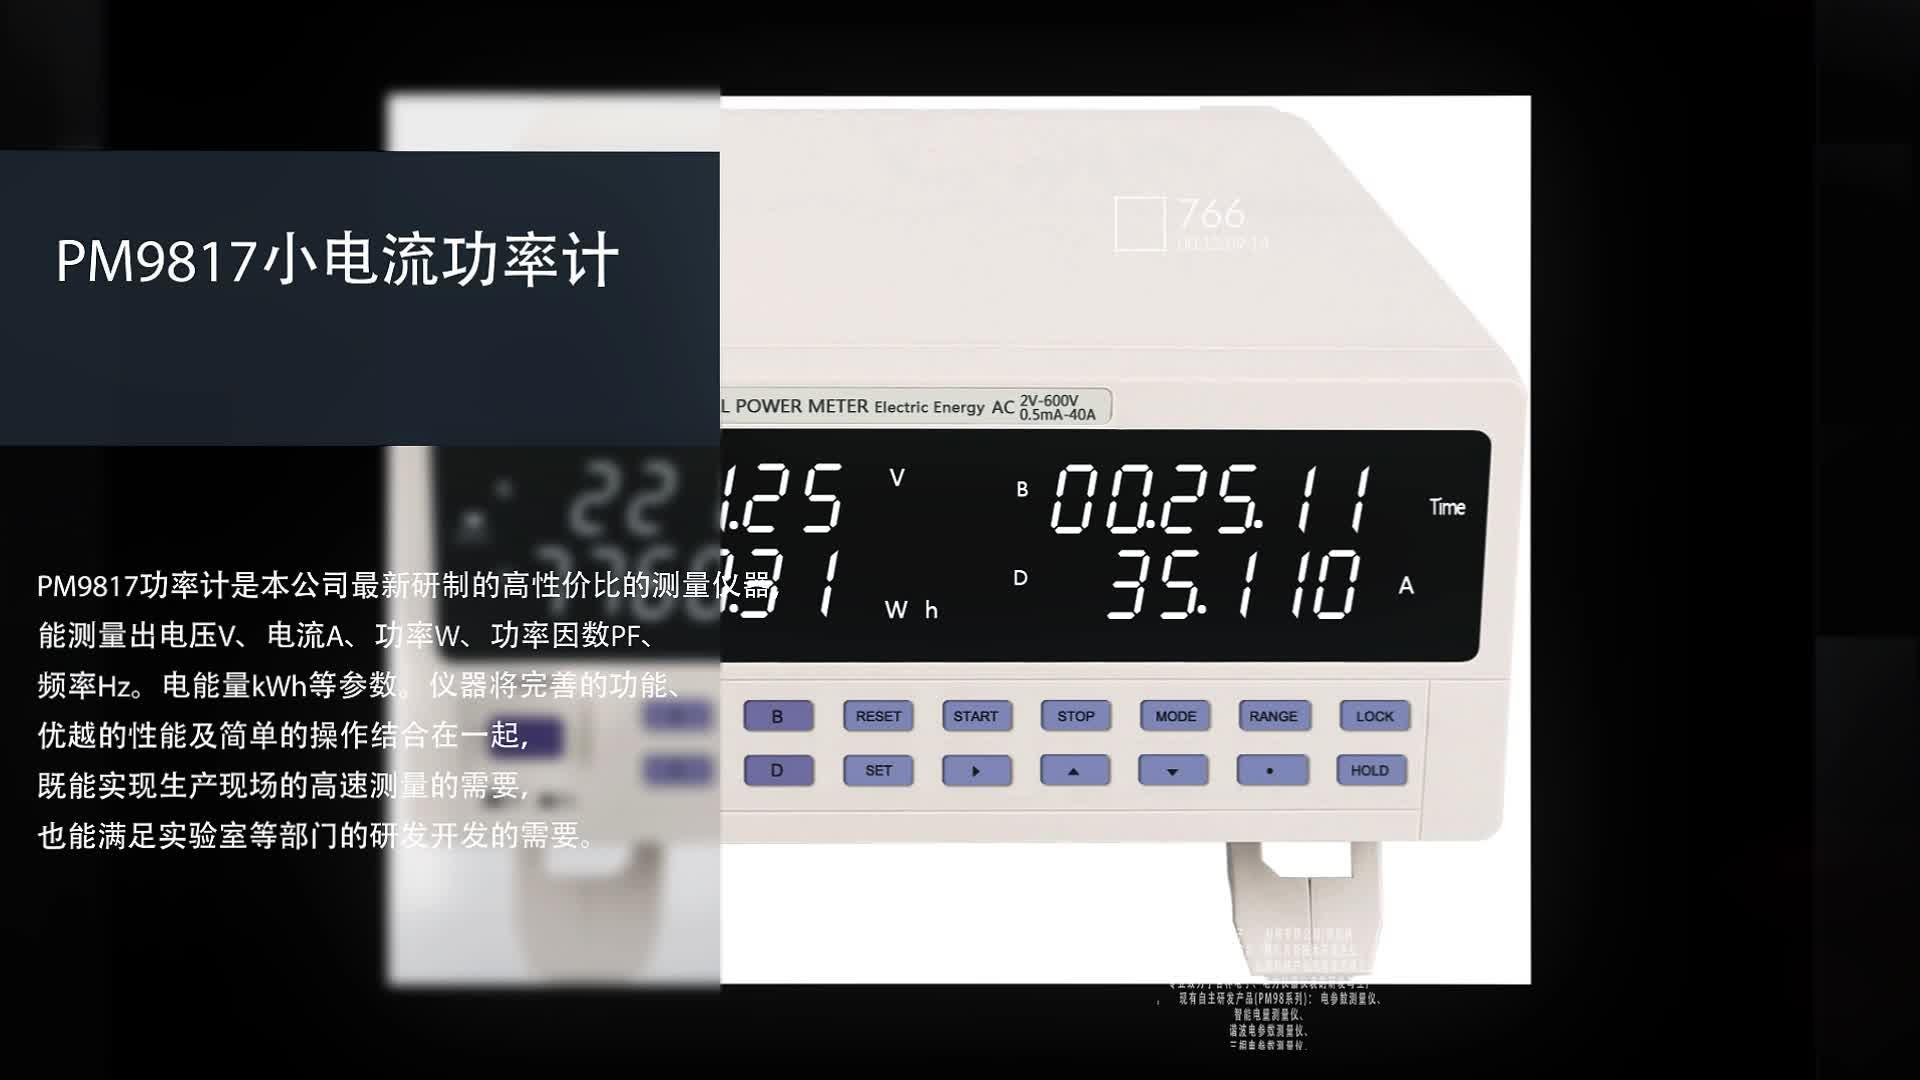 纳普电子科技数字功率计产品介绍厂家直销